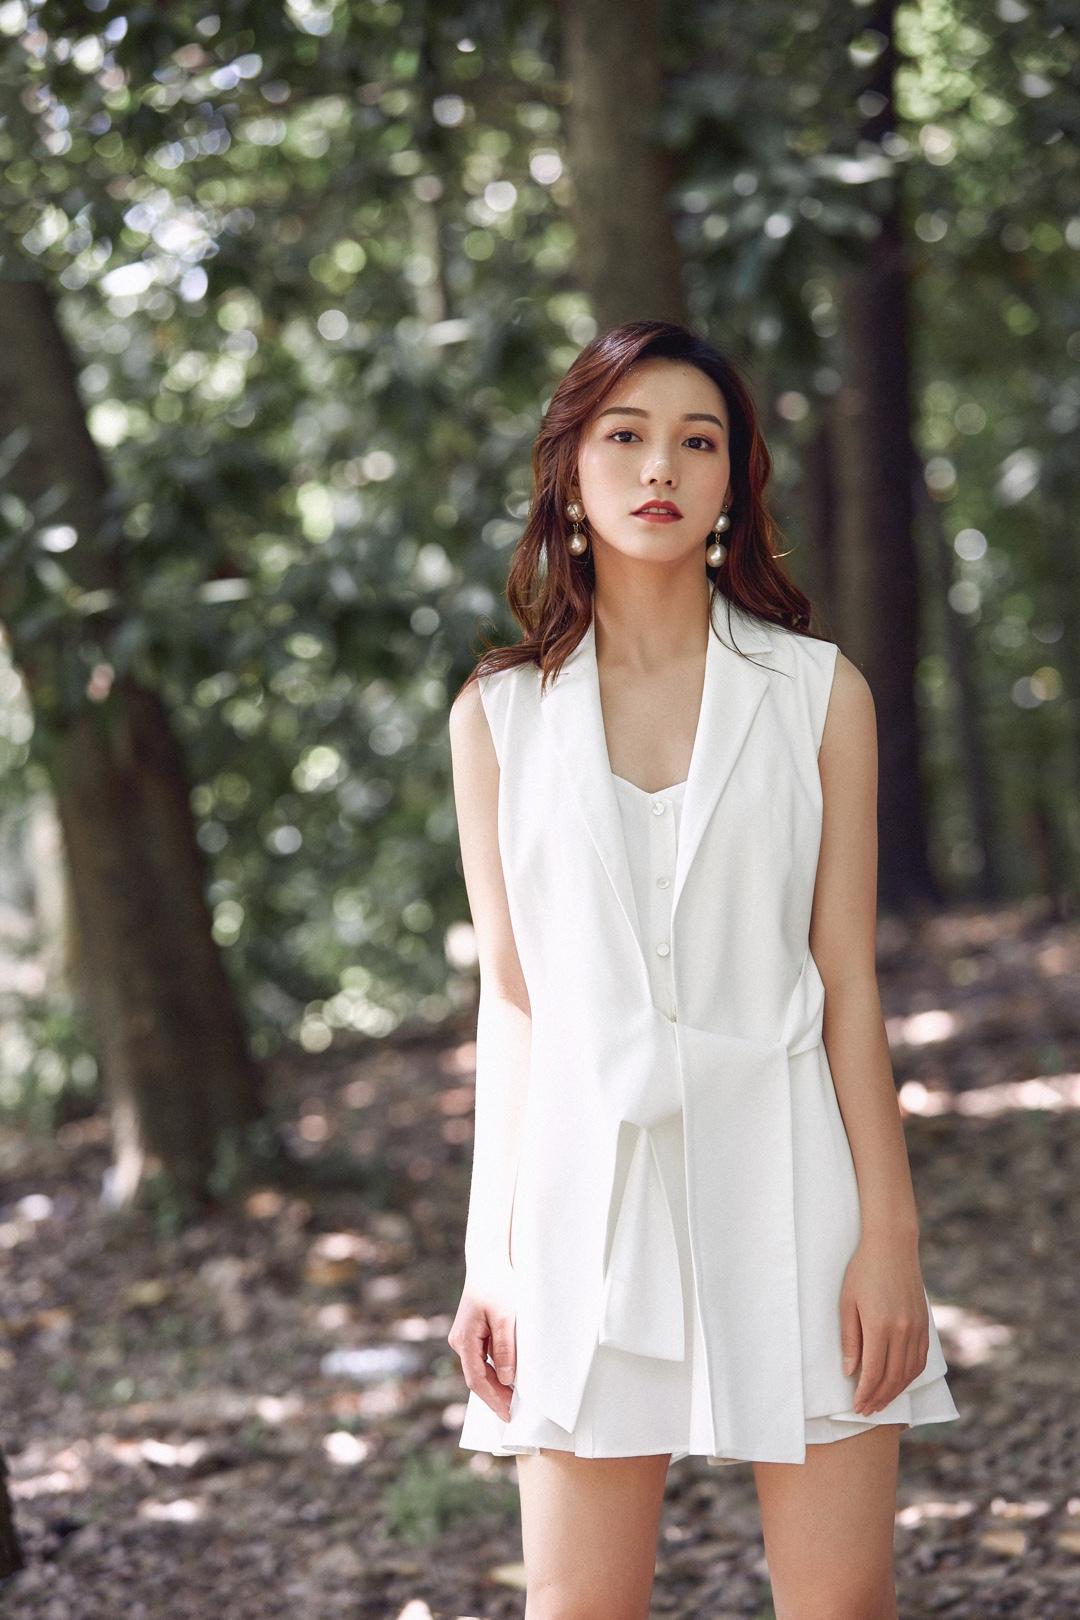 纯白色系的套装 做这栋楼最时尚的ol 简单干练,上身也很舒服,气场满分。#惊!回头率百分百出街look#